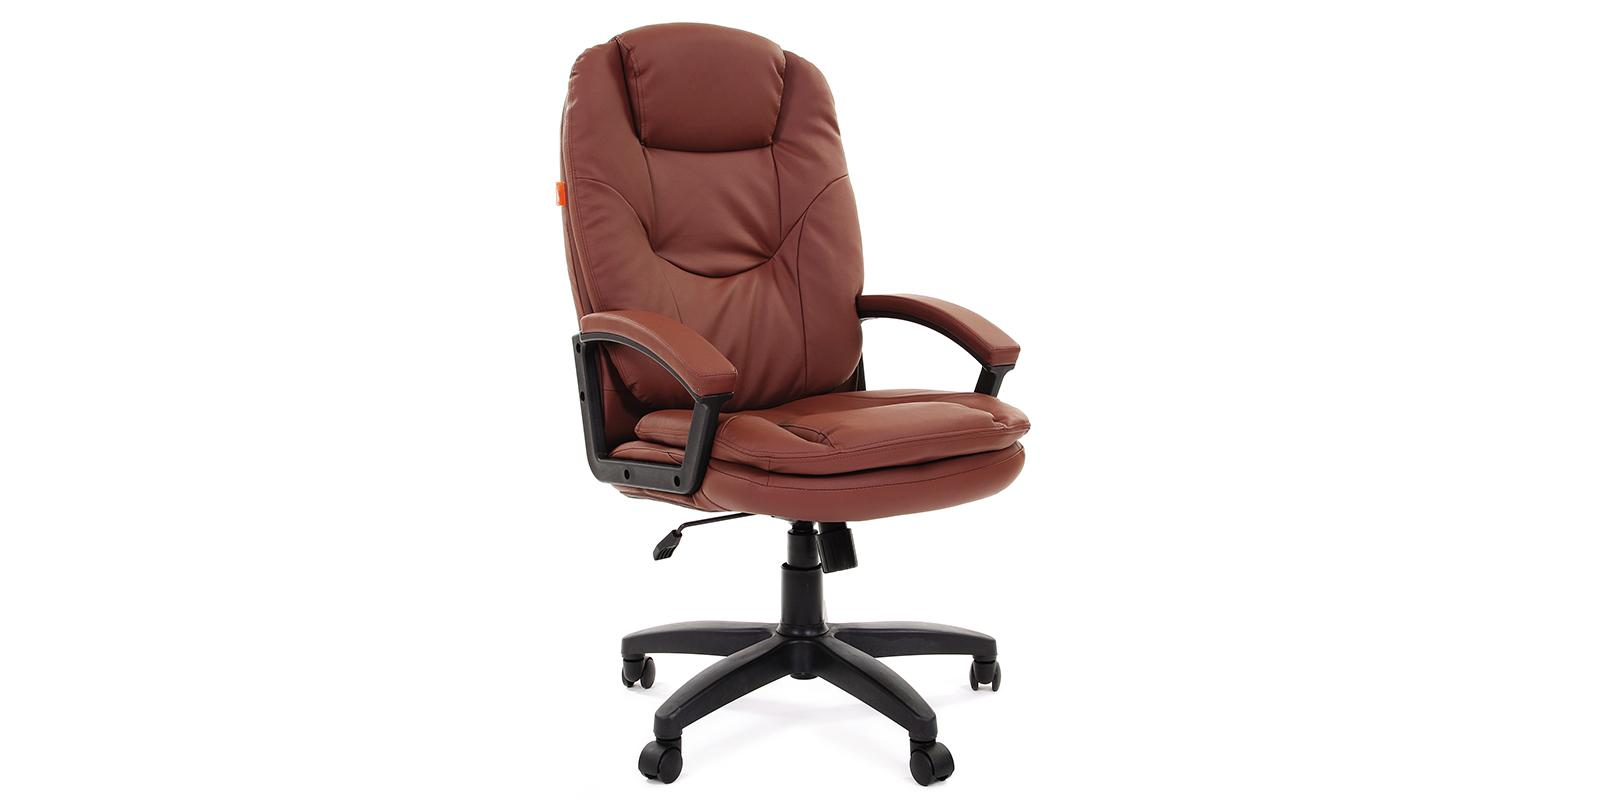 Кресло для руководителя Chairman 668 вариант №2 (коричневый)